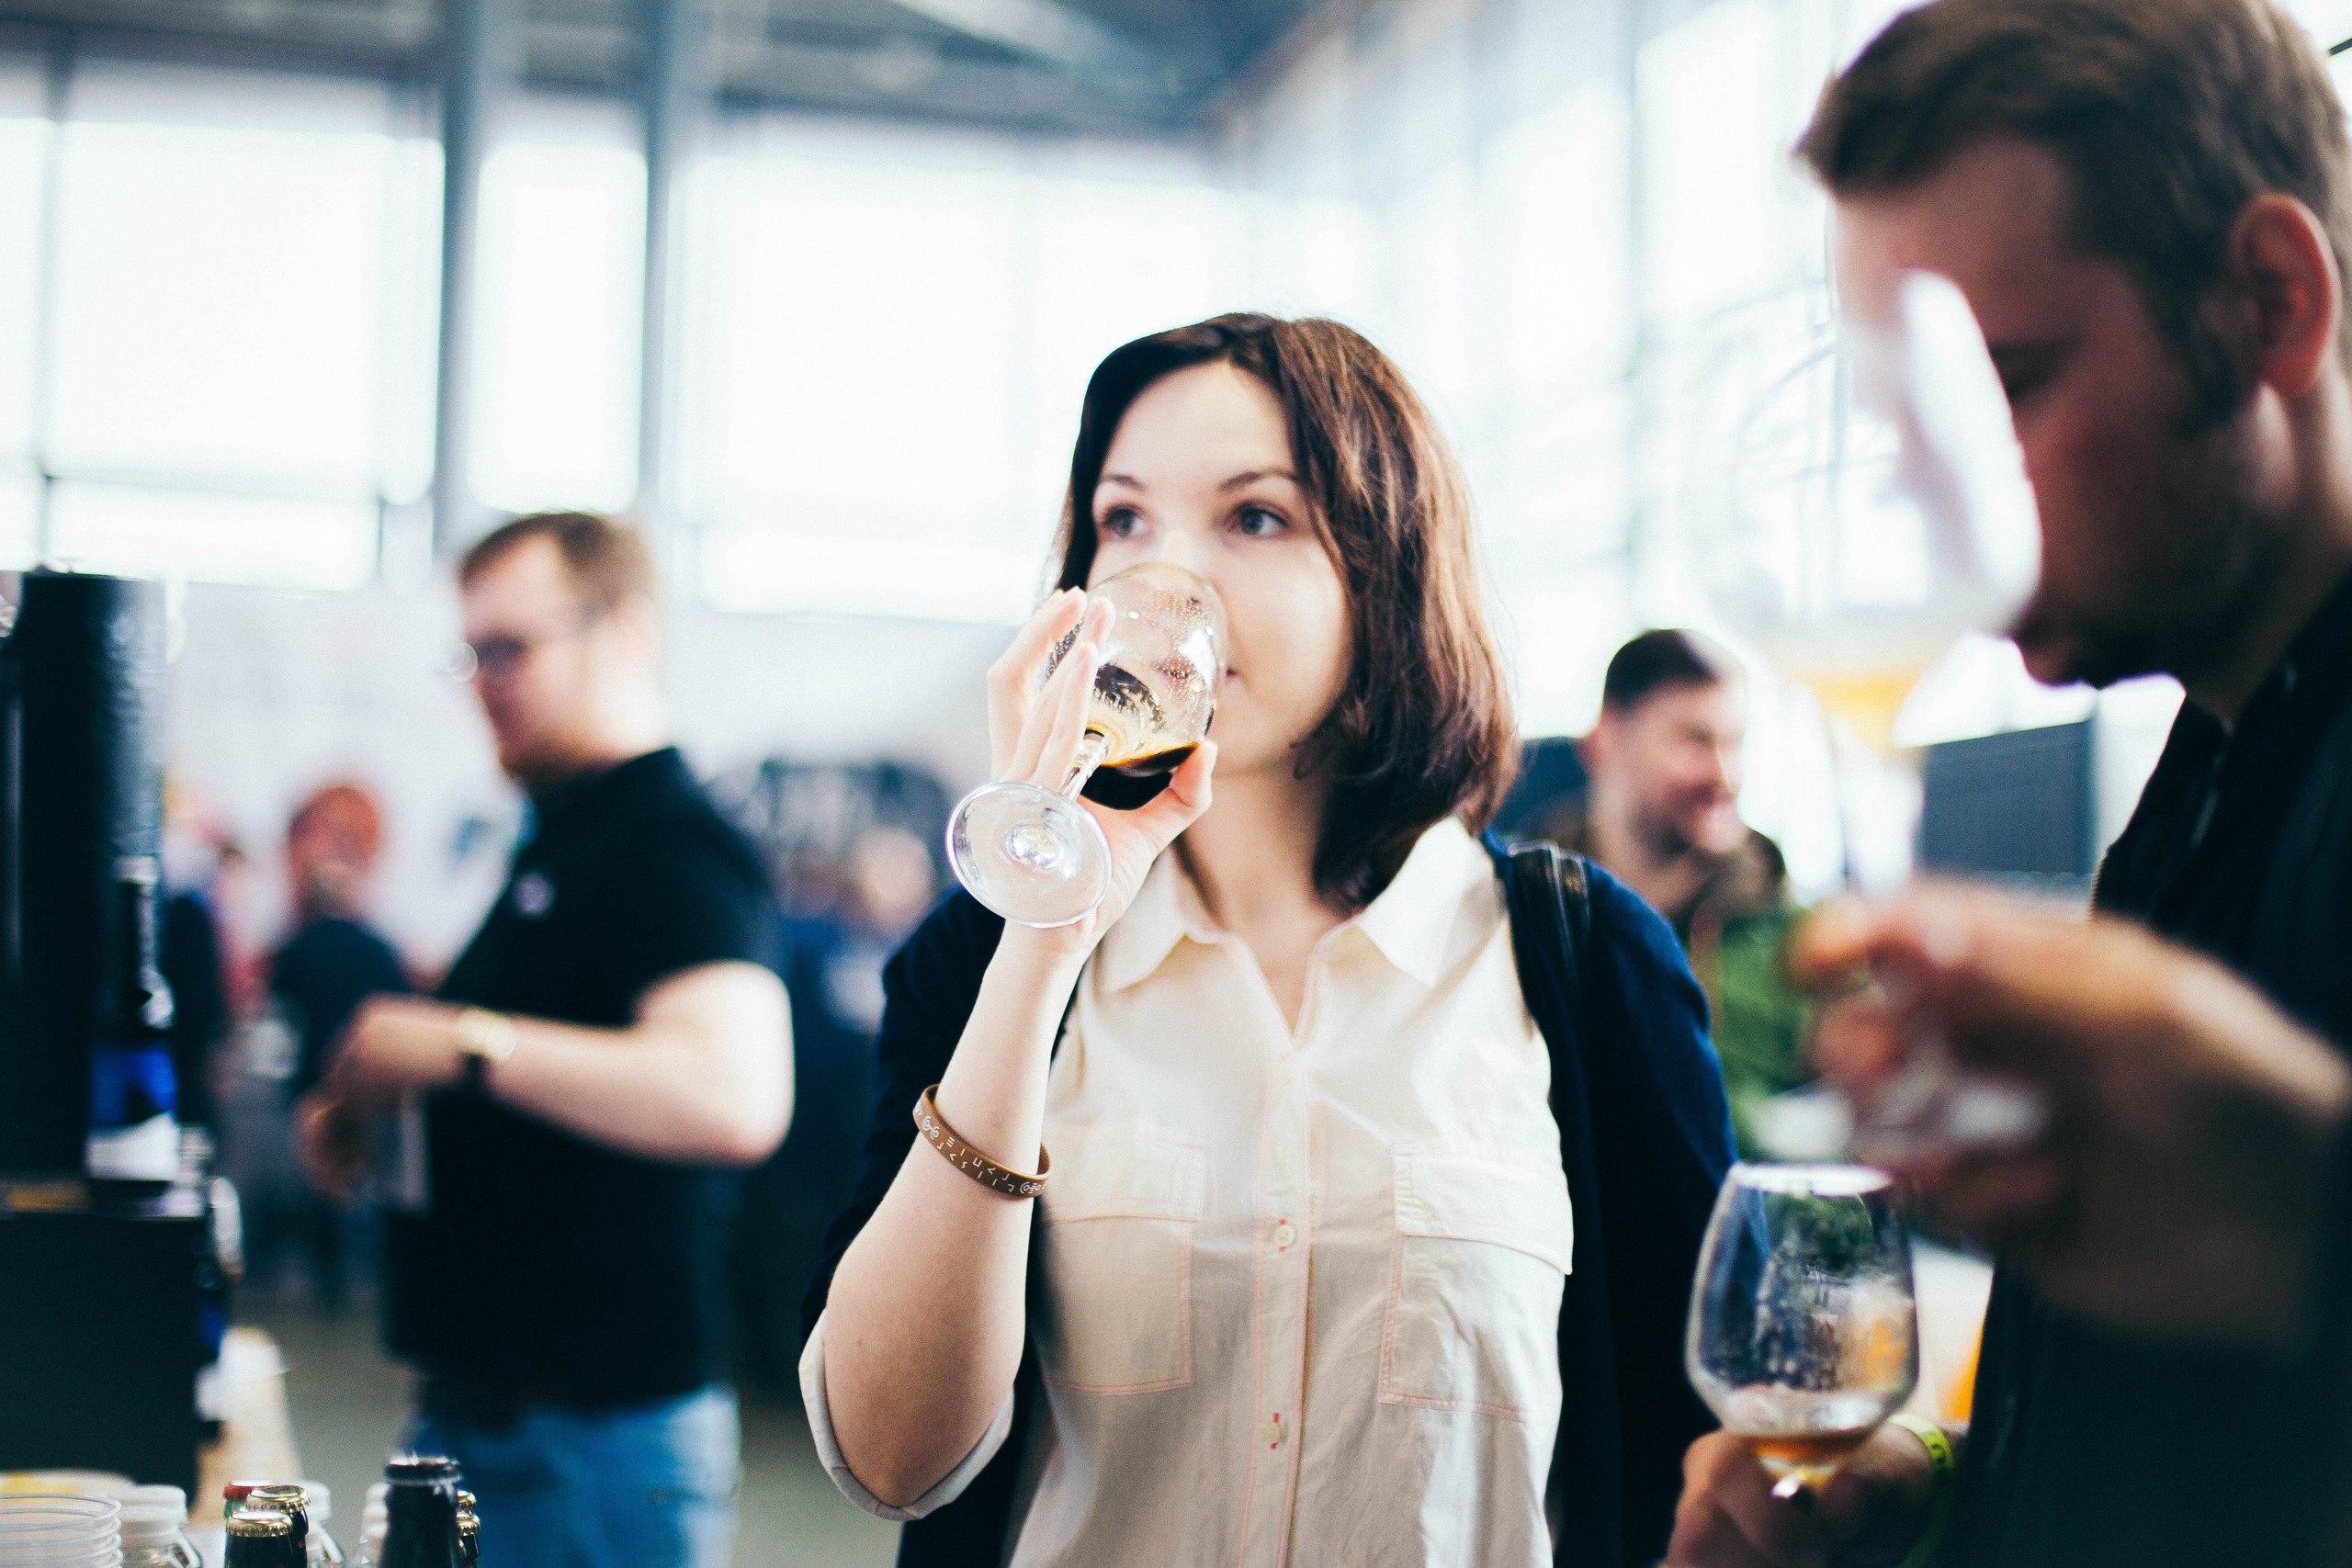 фестиваль крафтового пива бокал с пенным напитком винный стакан стекло стол стикеры беспорядок